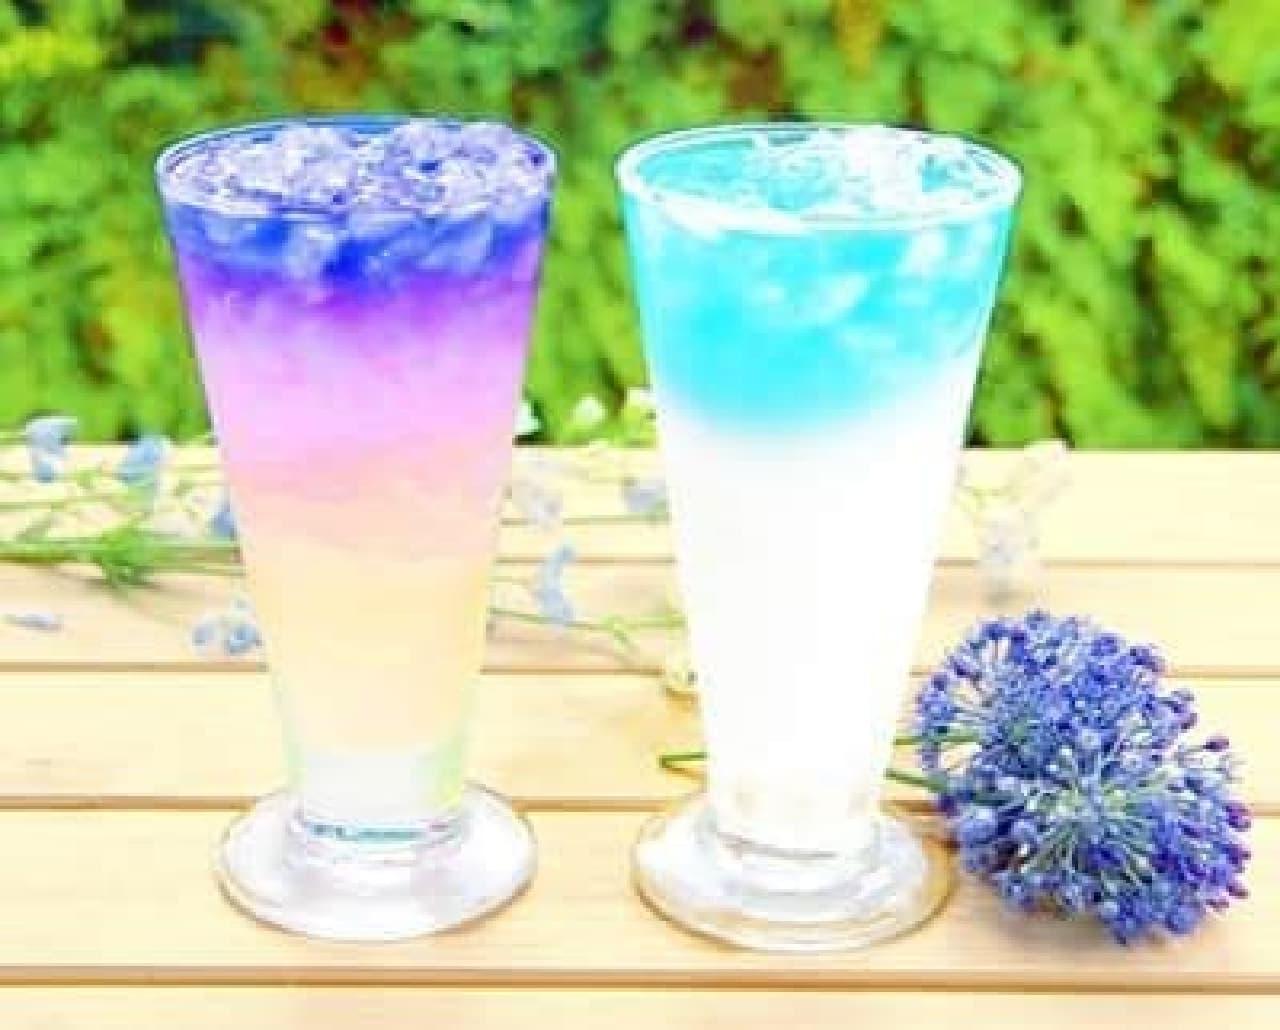 「バタフライピー」は、タイ原産のお茶の花を使用したハーブティー